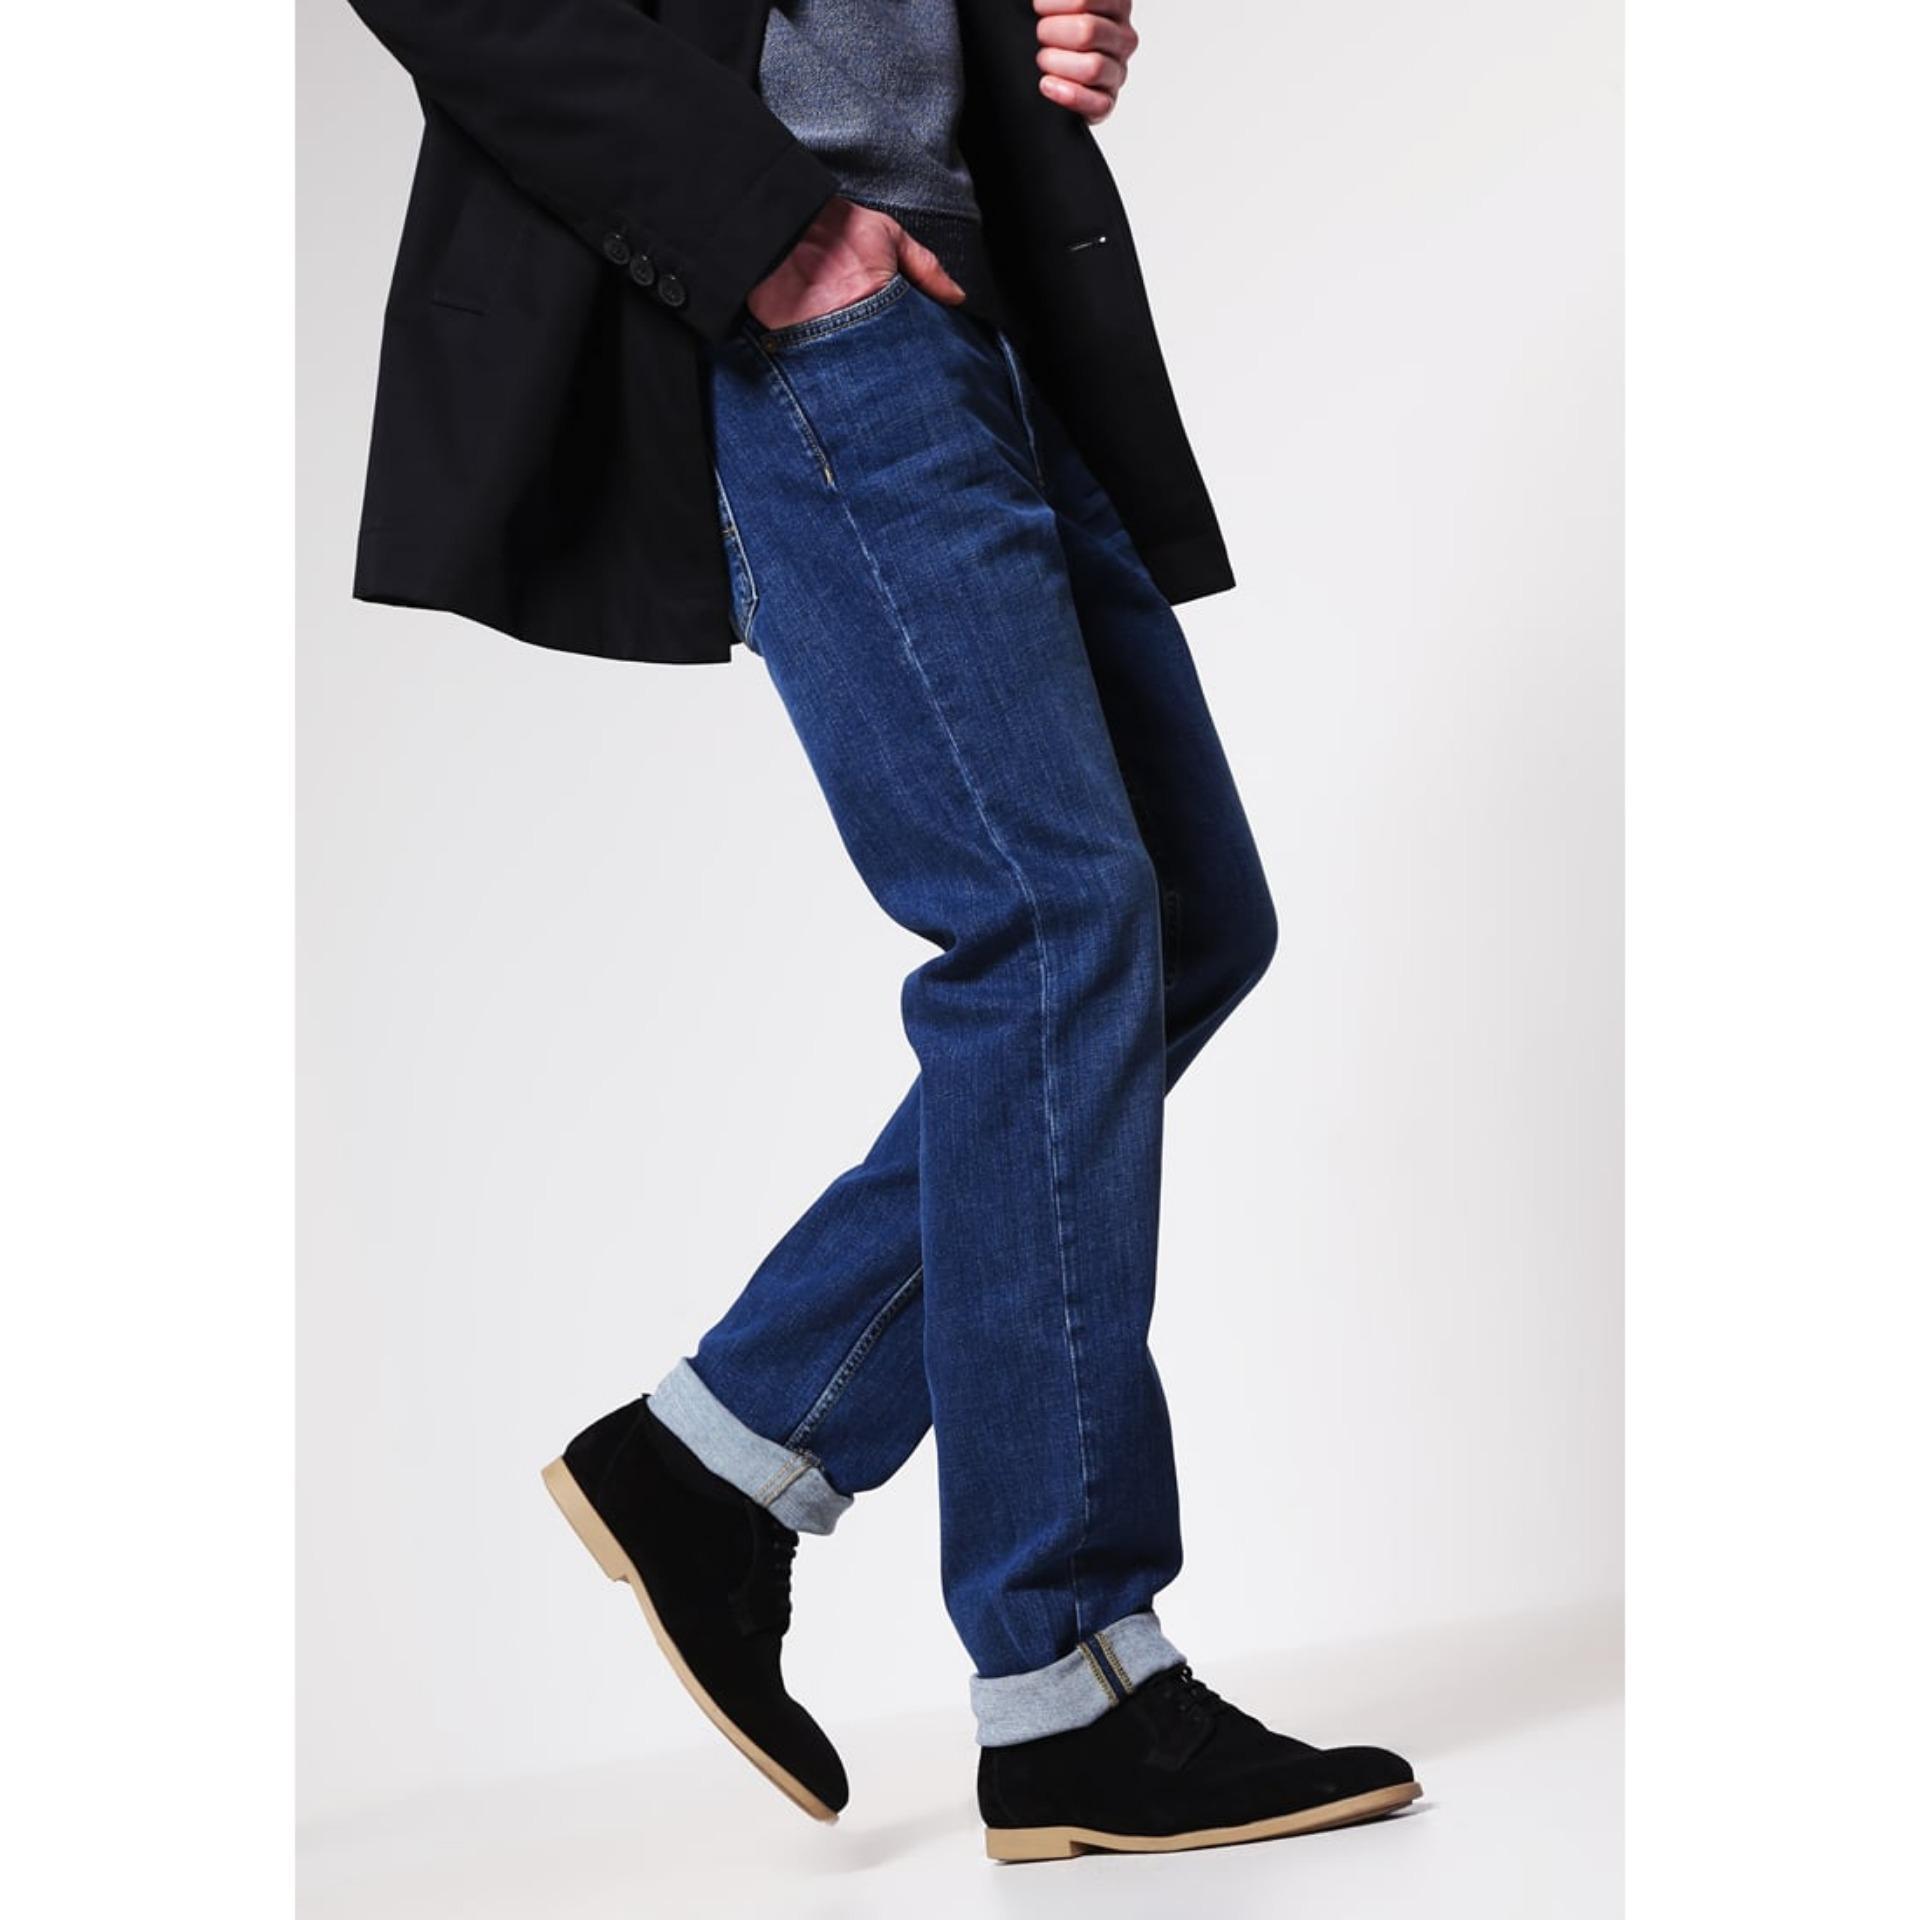 Harga Texan Celana Jeans Panjang Pria Warna Biru Jeans Model Reguler Standard Big Size 33 34 35 36 37 38 Yang Murah Dan Bagus